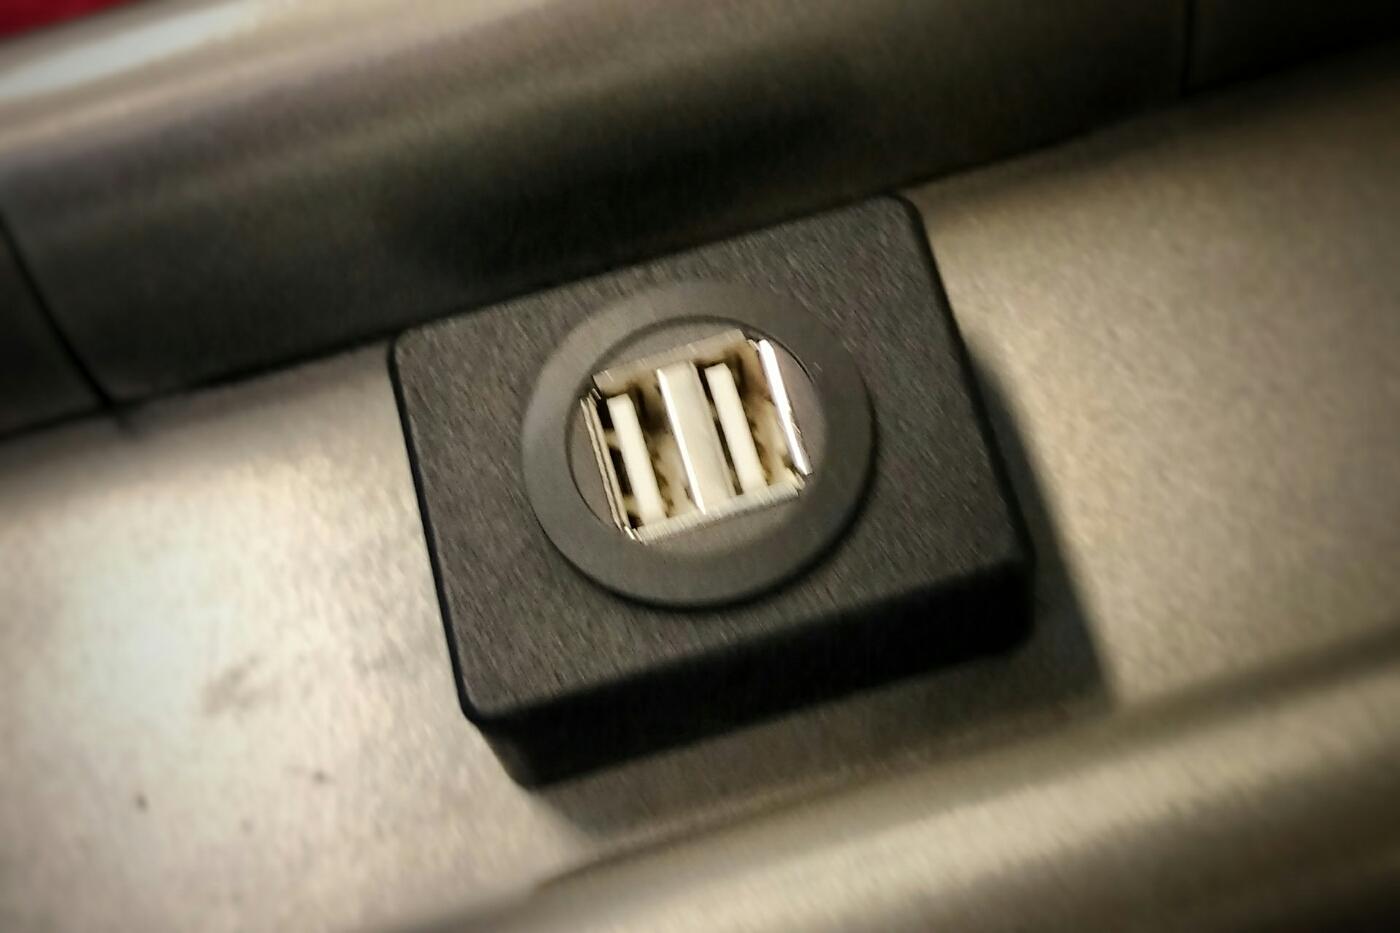 Bild einer USB Buchse in Hamburger U-Bahn